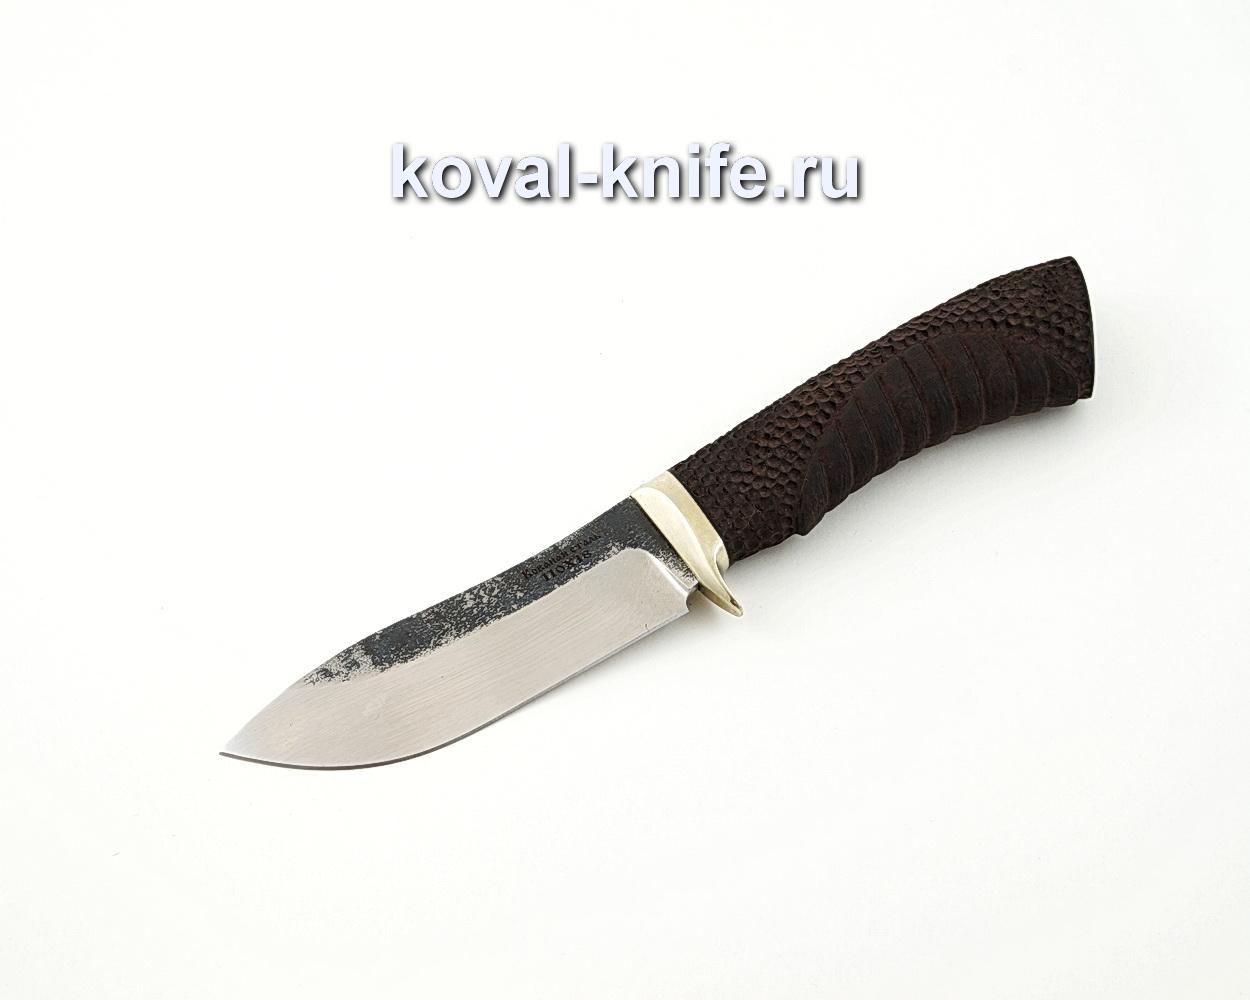 Нож Кабан из кованой стали 110Х18 с резной рукоятью из граба и гардой из мельхиора A583